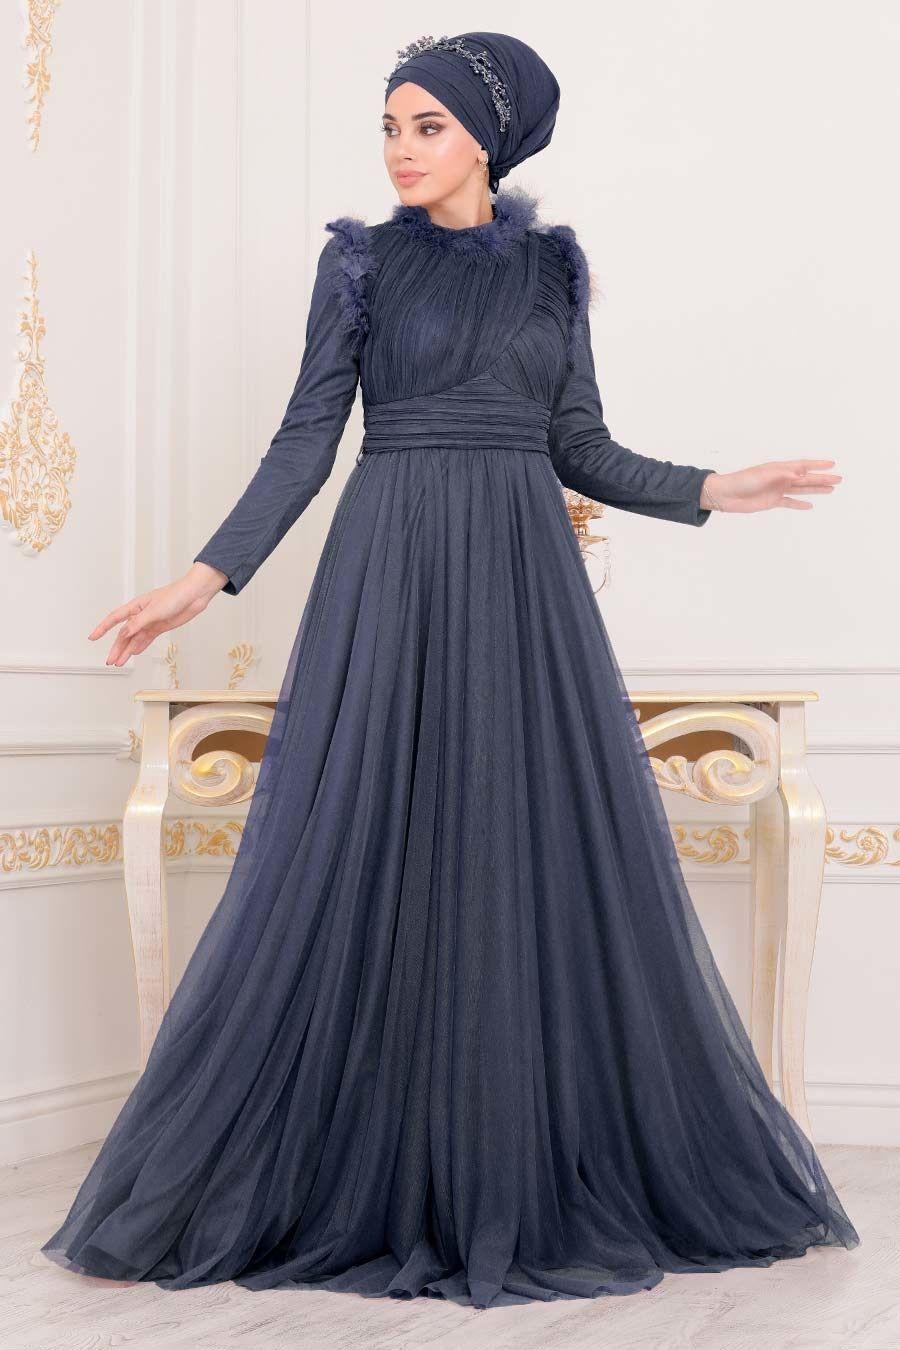 2019 Yeni Sezon Tesettur Giyim Elbise Sal Abiye De Ucuz Fiyat 2020 Elbise Giyim Moda Stilleri